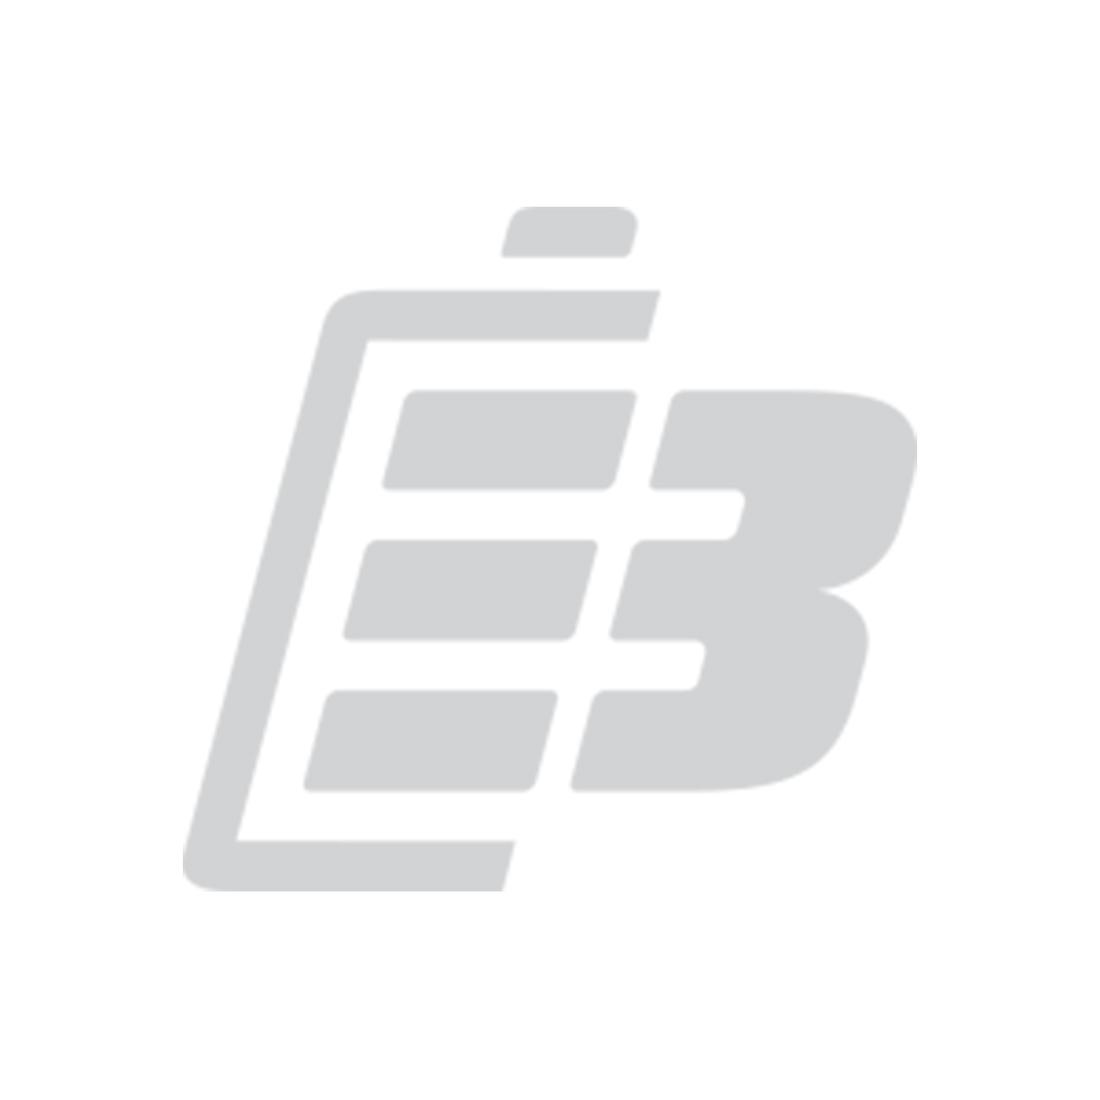 Laptop battery HP Pavilion 17-AB_1